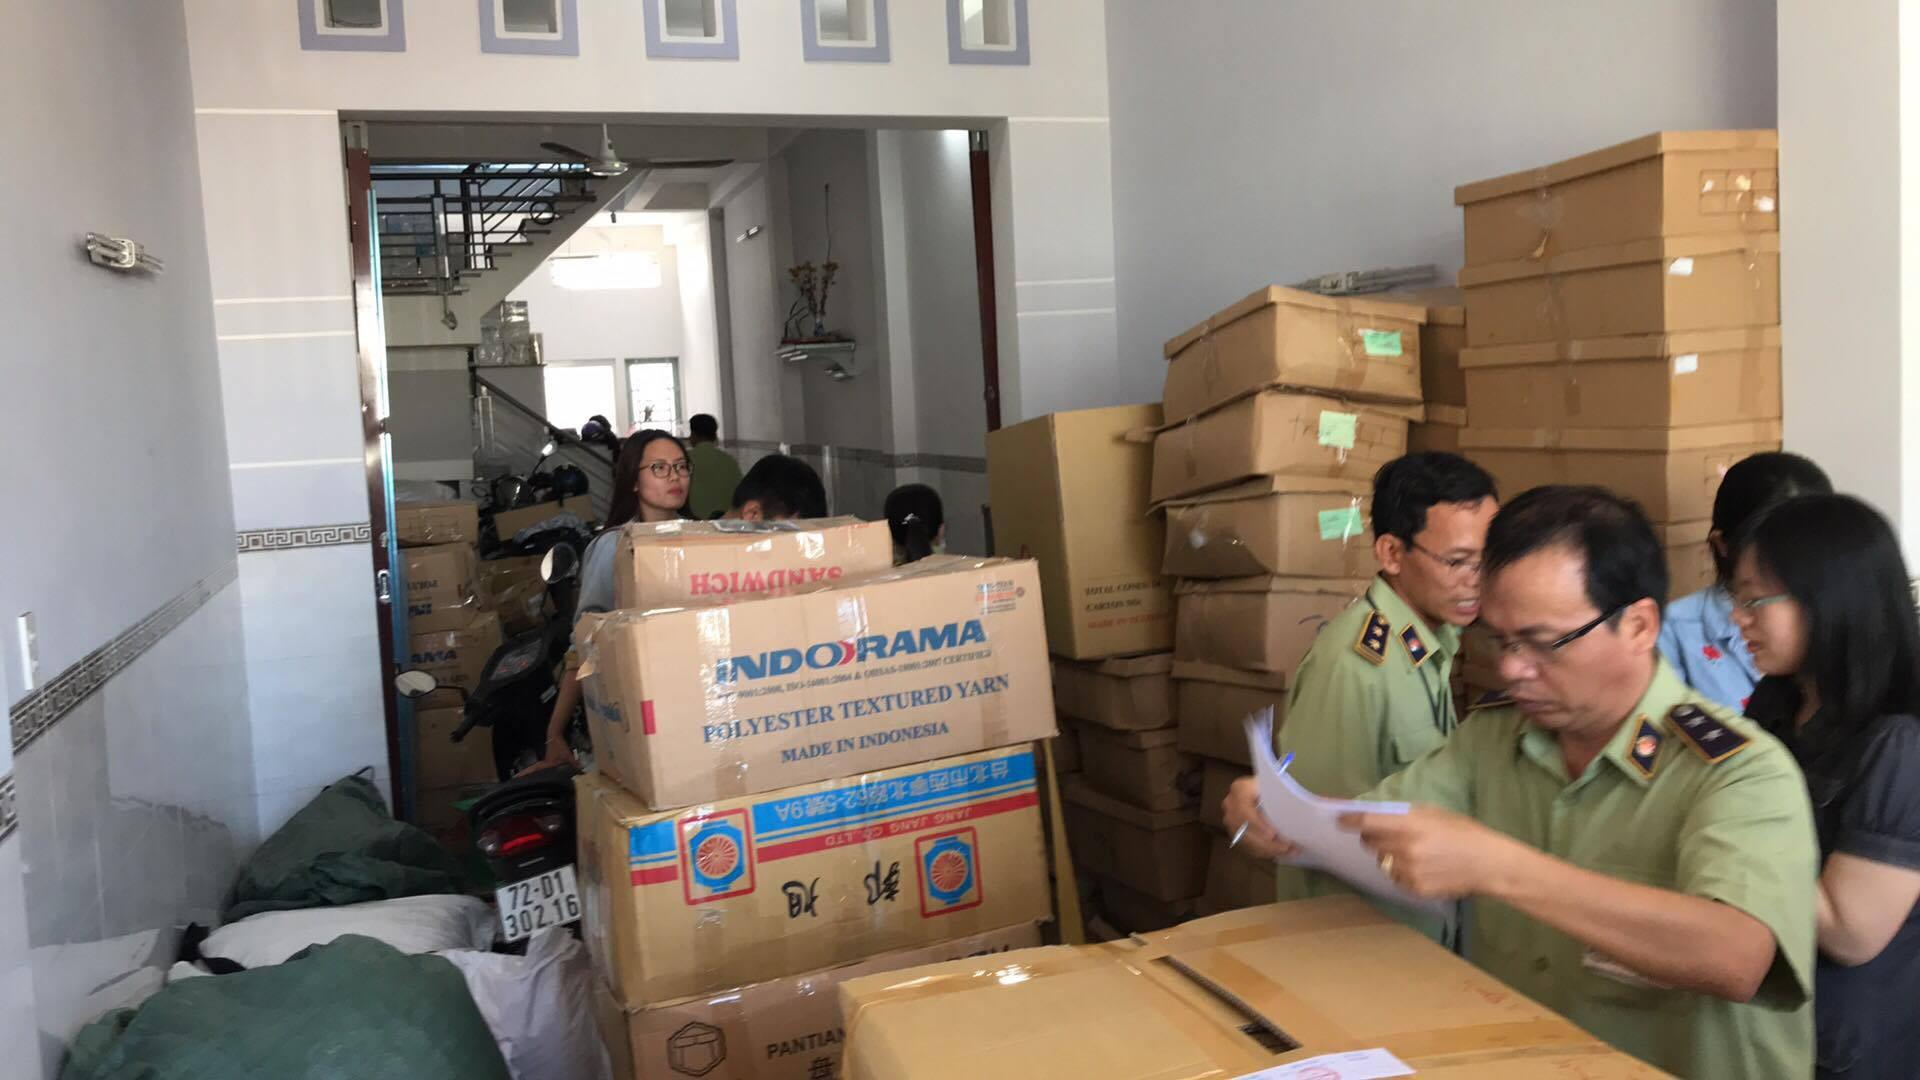 Phát hiện 300.000 bao cao su, gel bôi trơn hiệu Durex, OK,... nghi bị làm giả ở Sài Gòn - Ảnh 1.